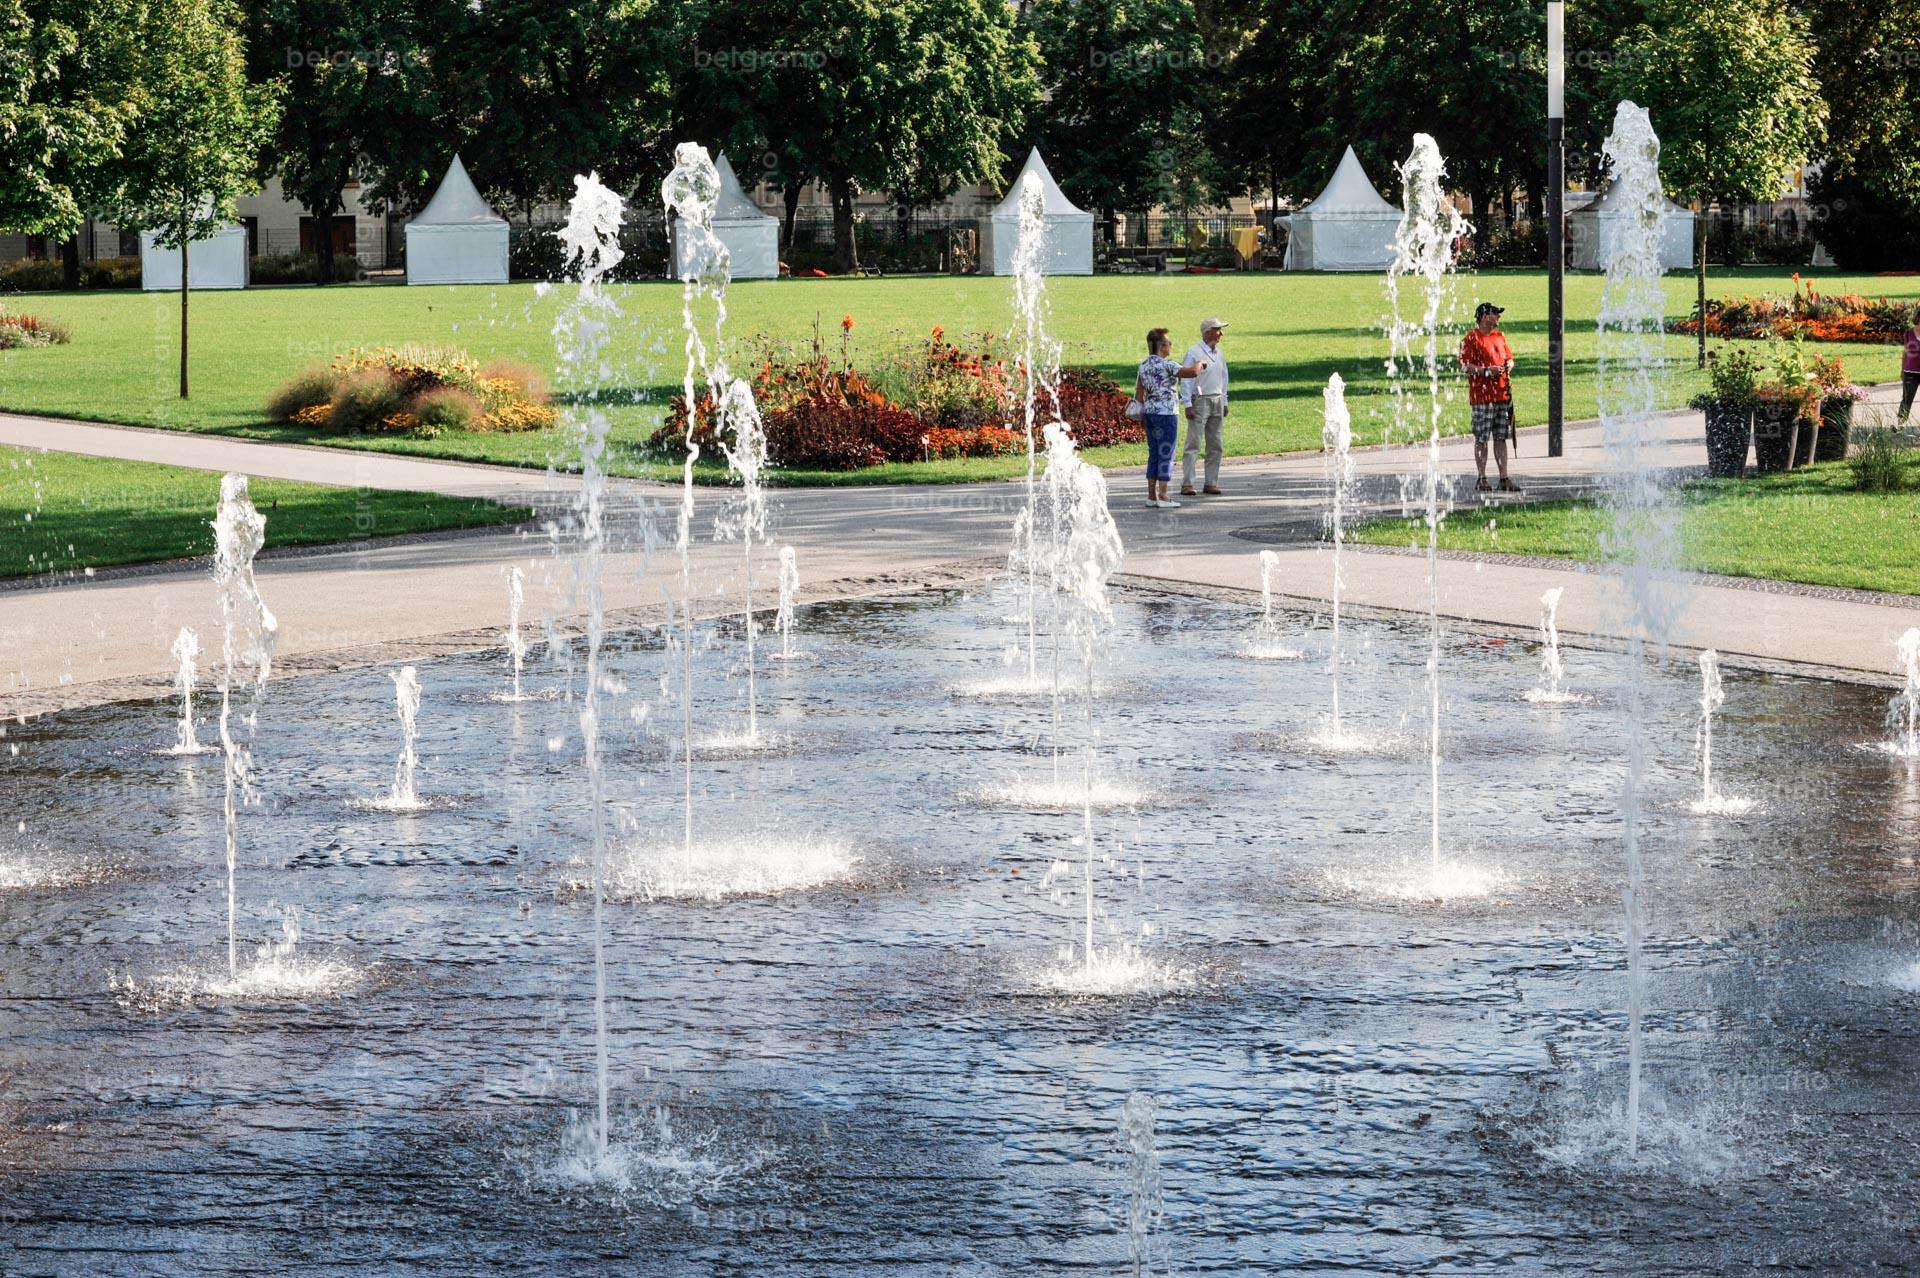 Landesgartenschau in Aschersleben mit einem belgrano® Naturstein Wasserspiel, Bodenplatten aus Basalt und Pflastersteinen aus Granit